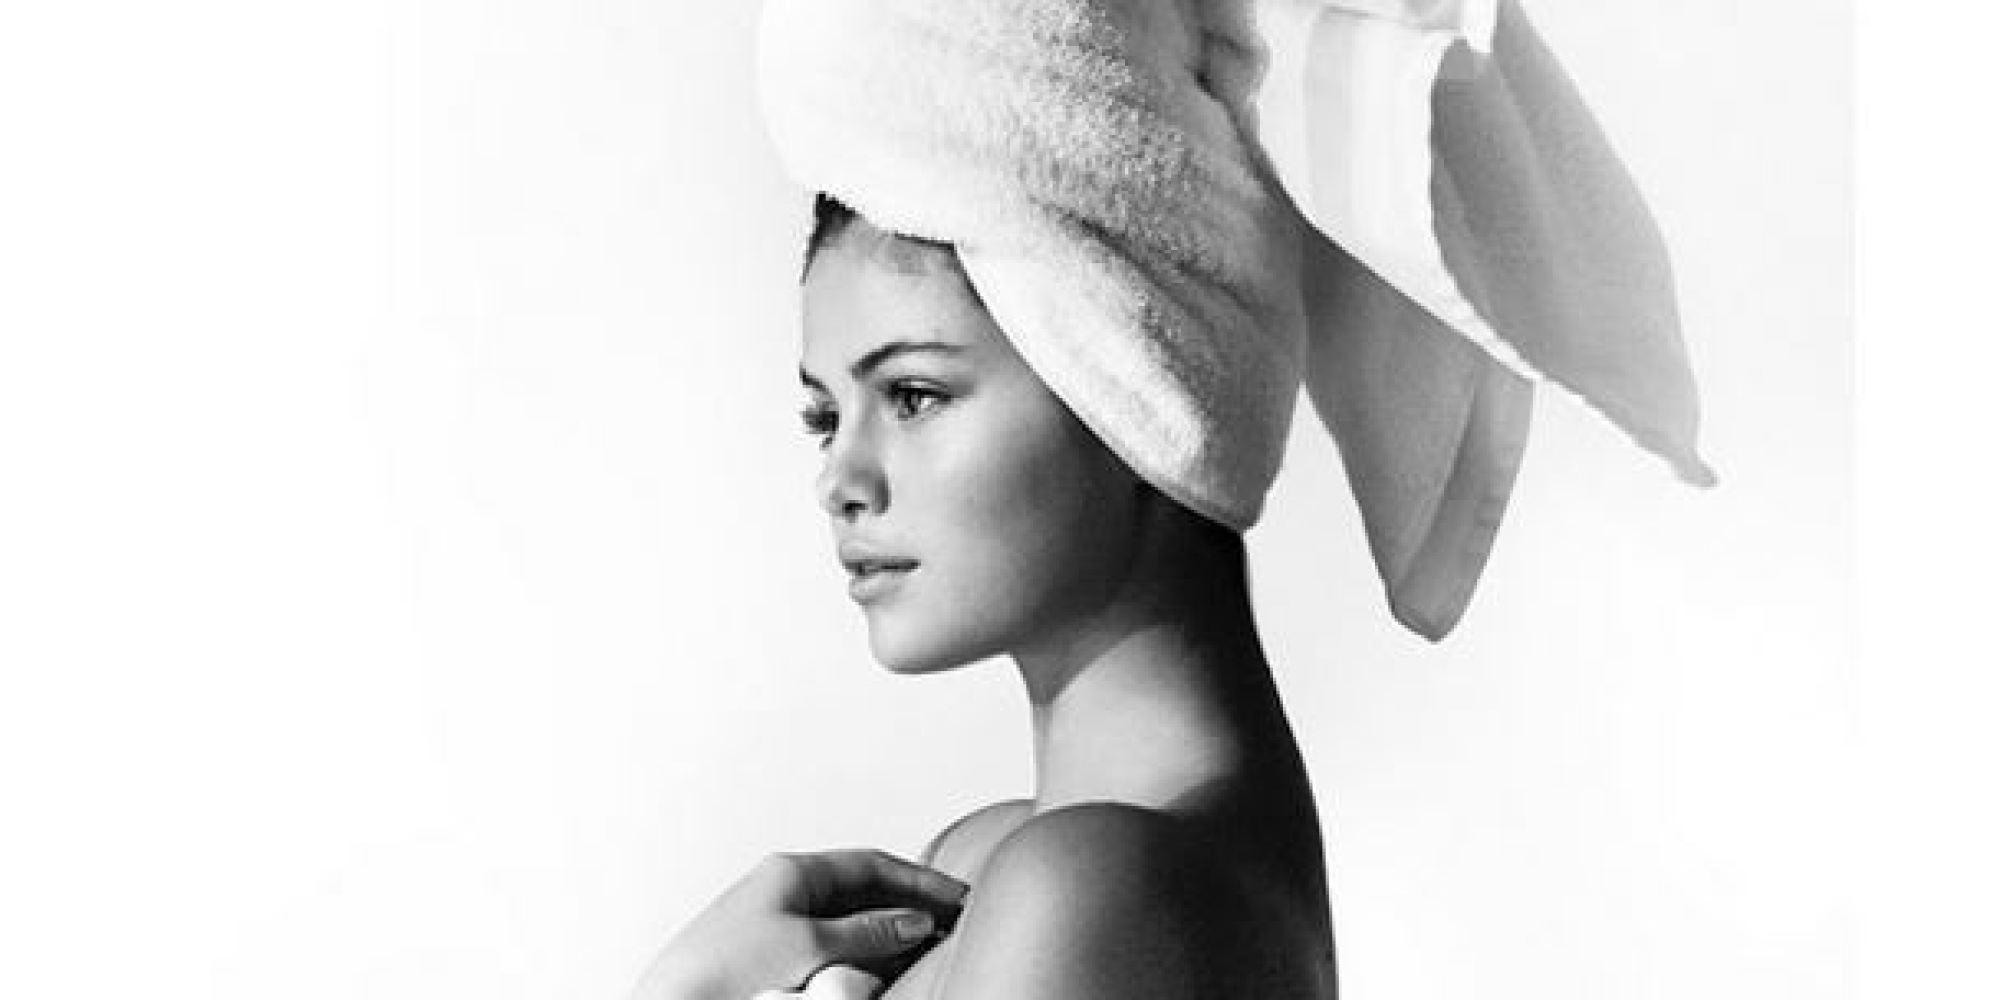 Селена гомомез голая 1 фотография